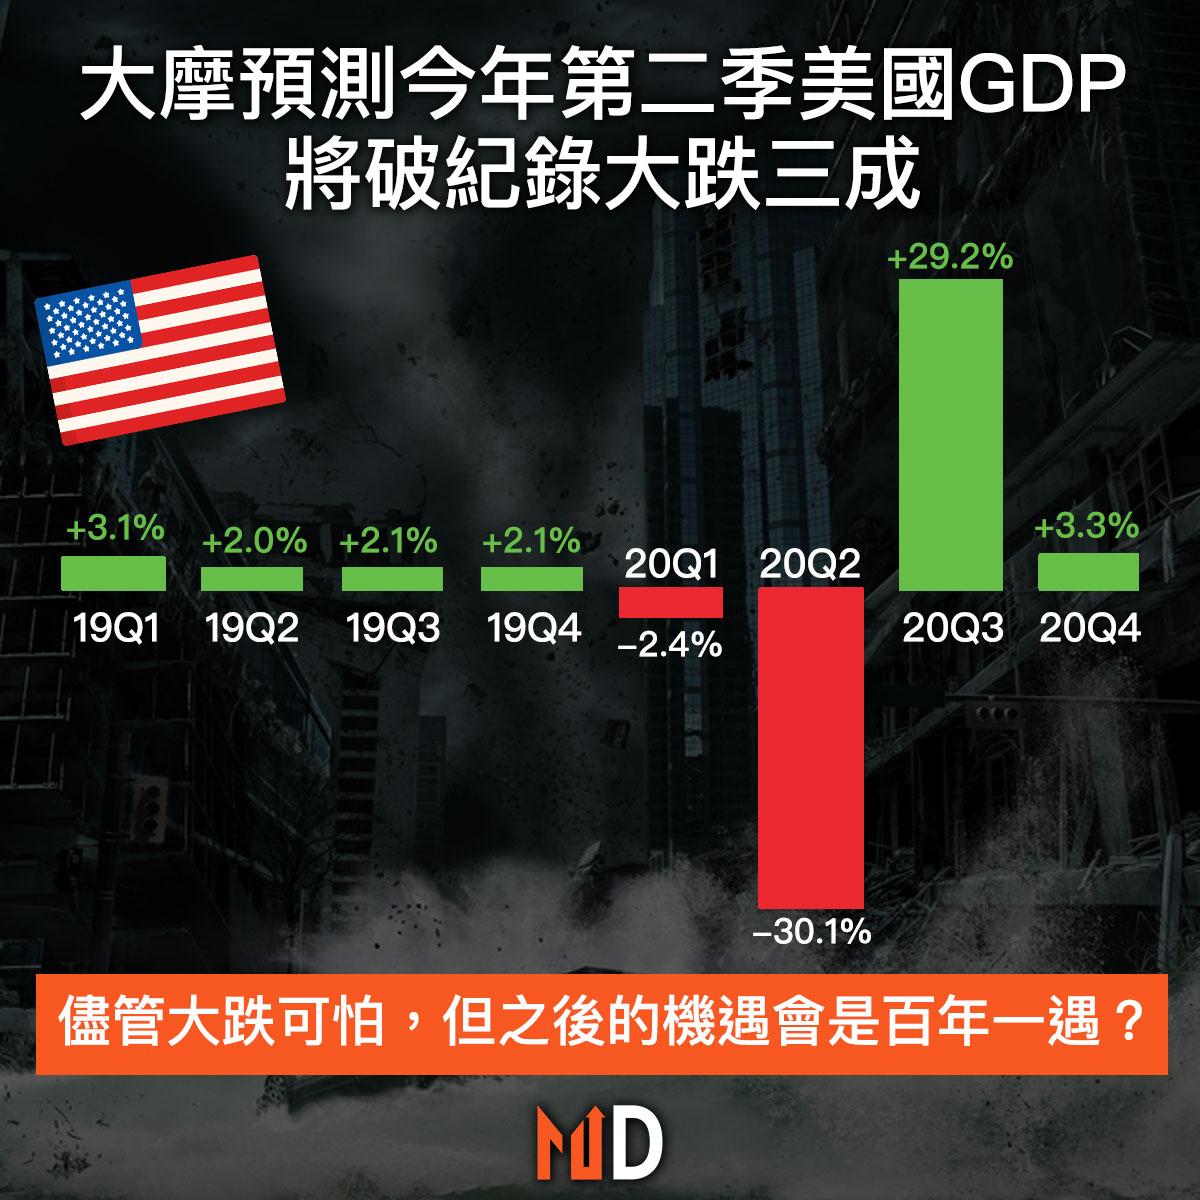 【市場分析】大摩預測今年第二季美國GDP將破紀錄大跌三成